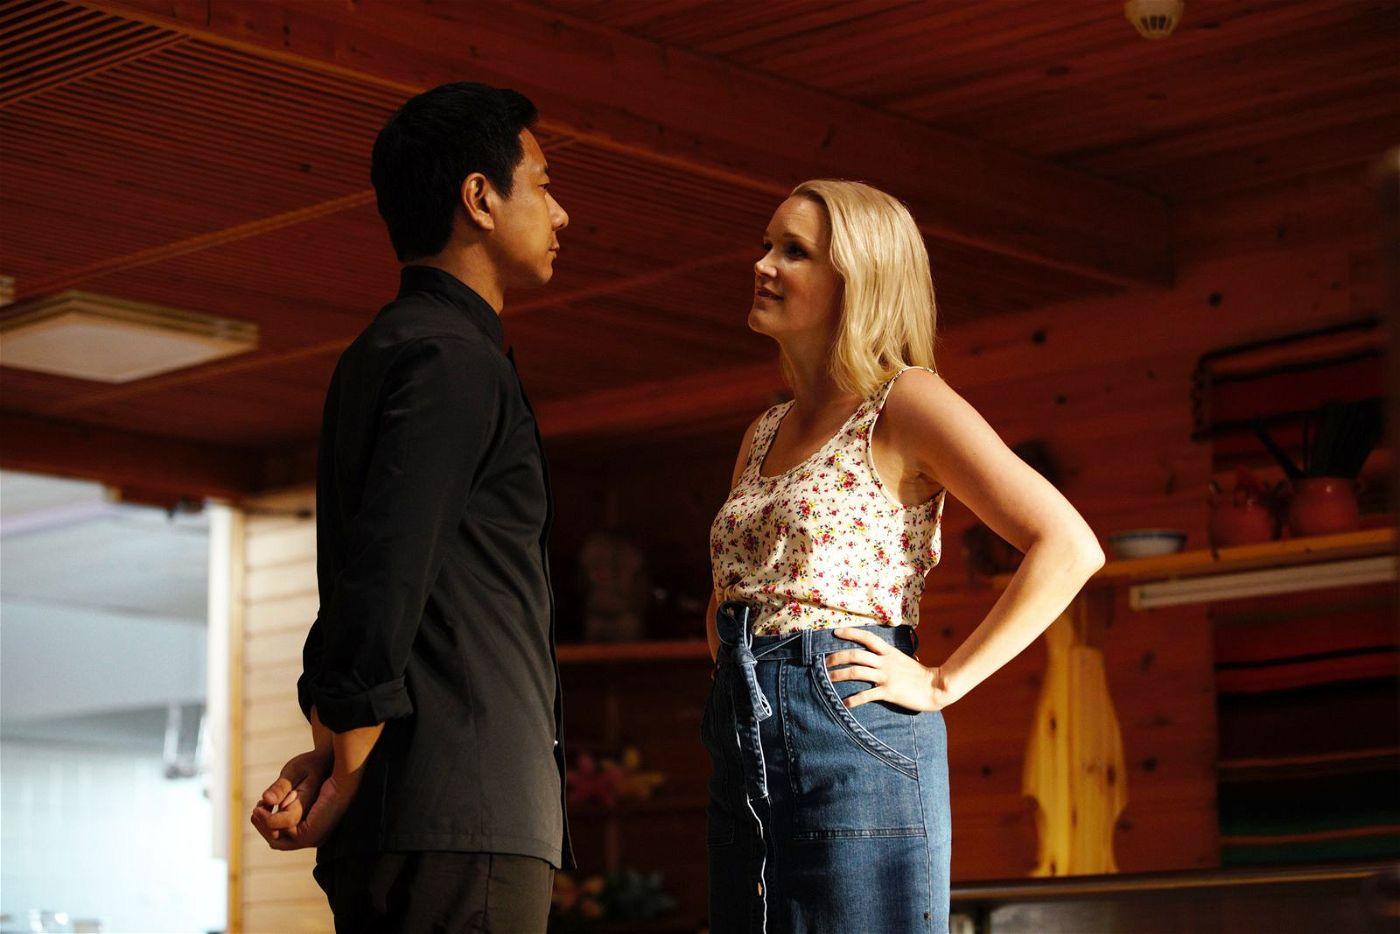 Cheng (Pak Hon Chu) heuert bei der Gastwirtin Sirkka (Anna-Maija Tuokko) als Koch an.